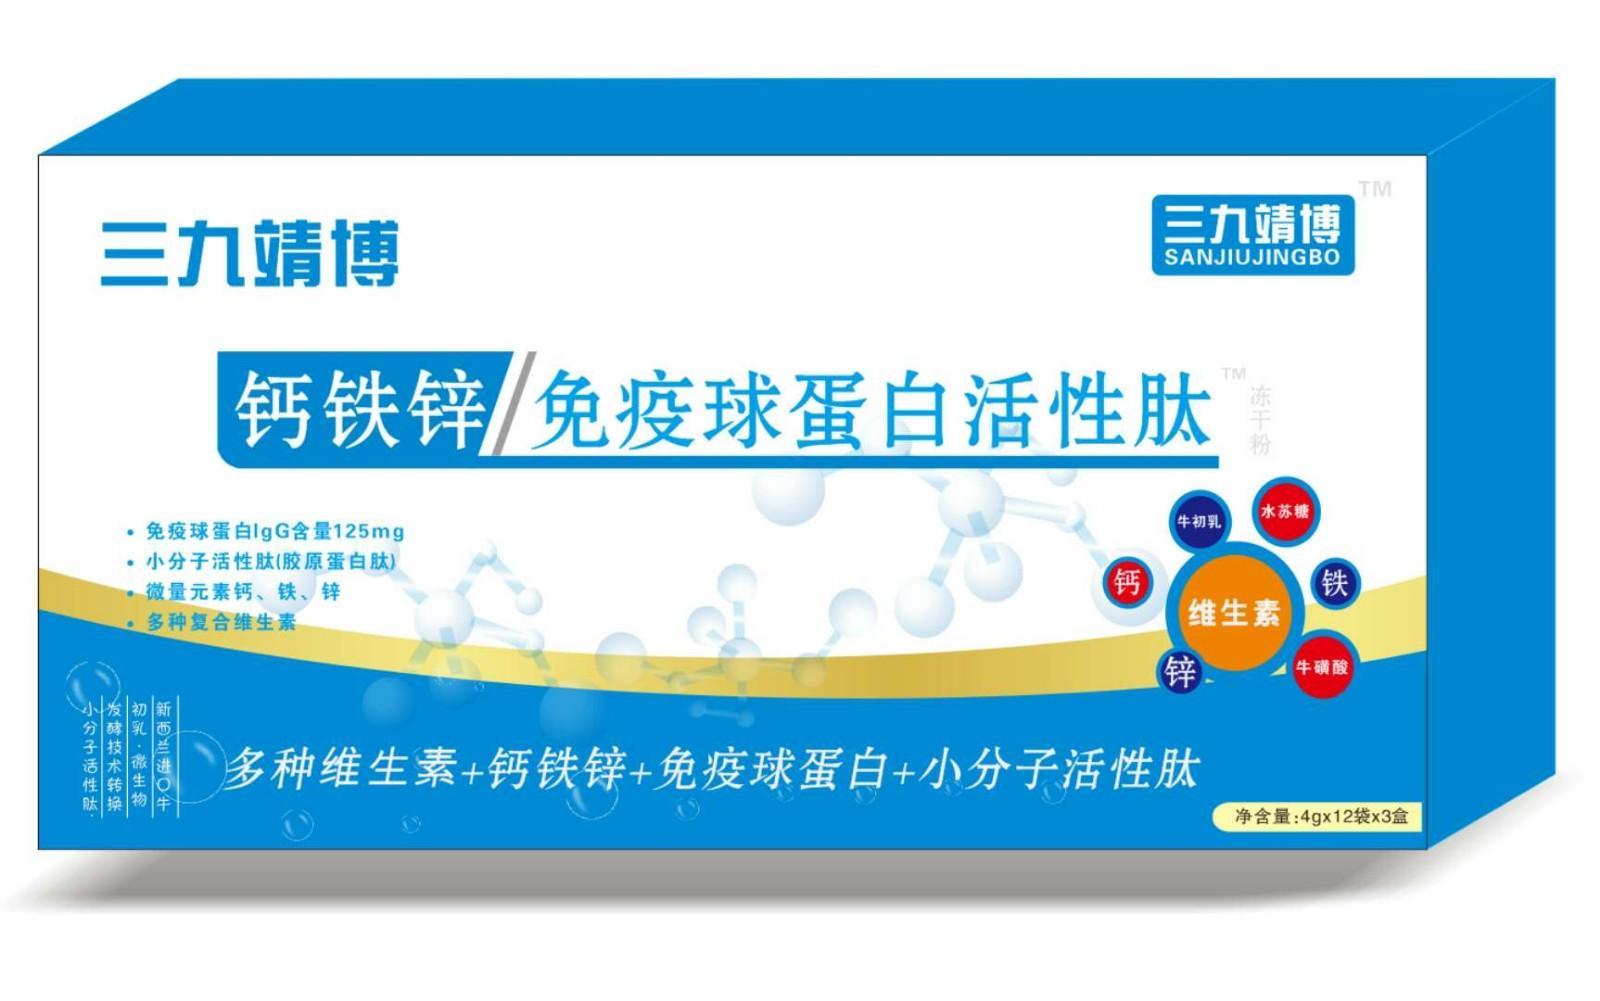 三九靖博钙铁锌免疫球蛋白活性肽